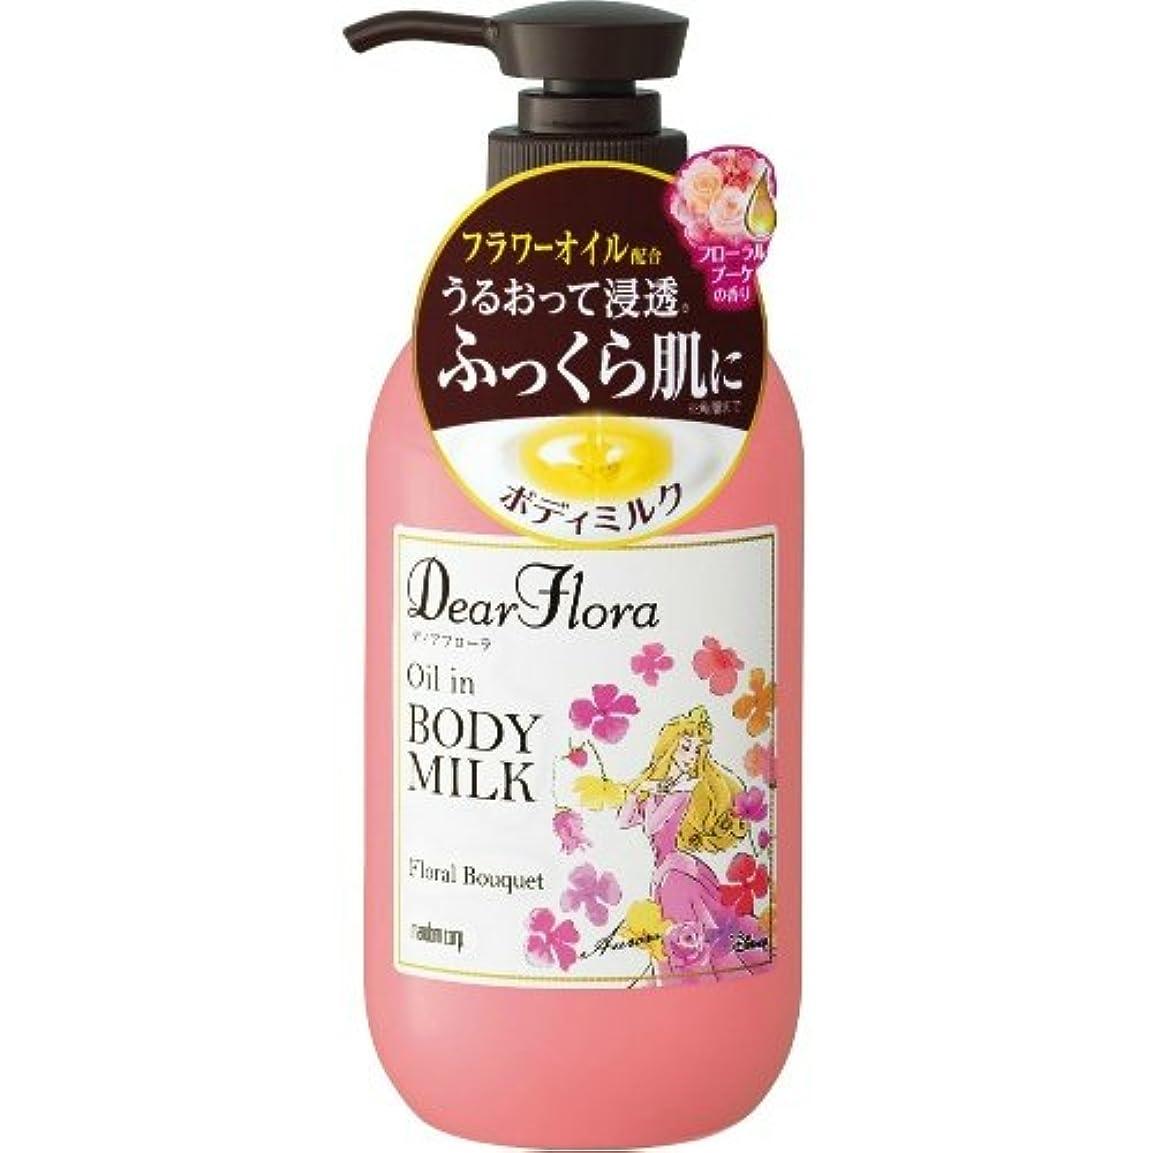 MANDOM マンダム ディアフローラ オイルインボディミルク フローラルブーケの香り 240ml ×024点セット(4902806105414)